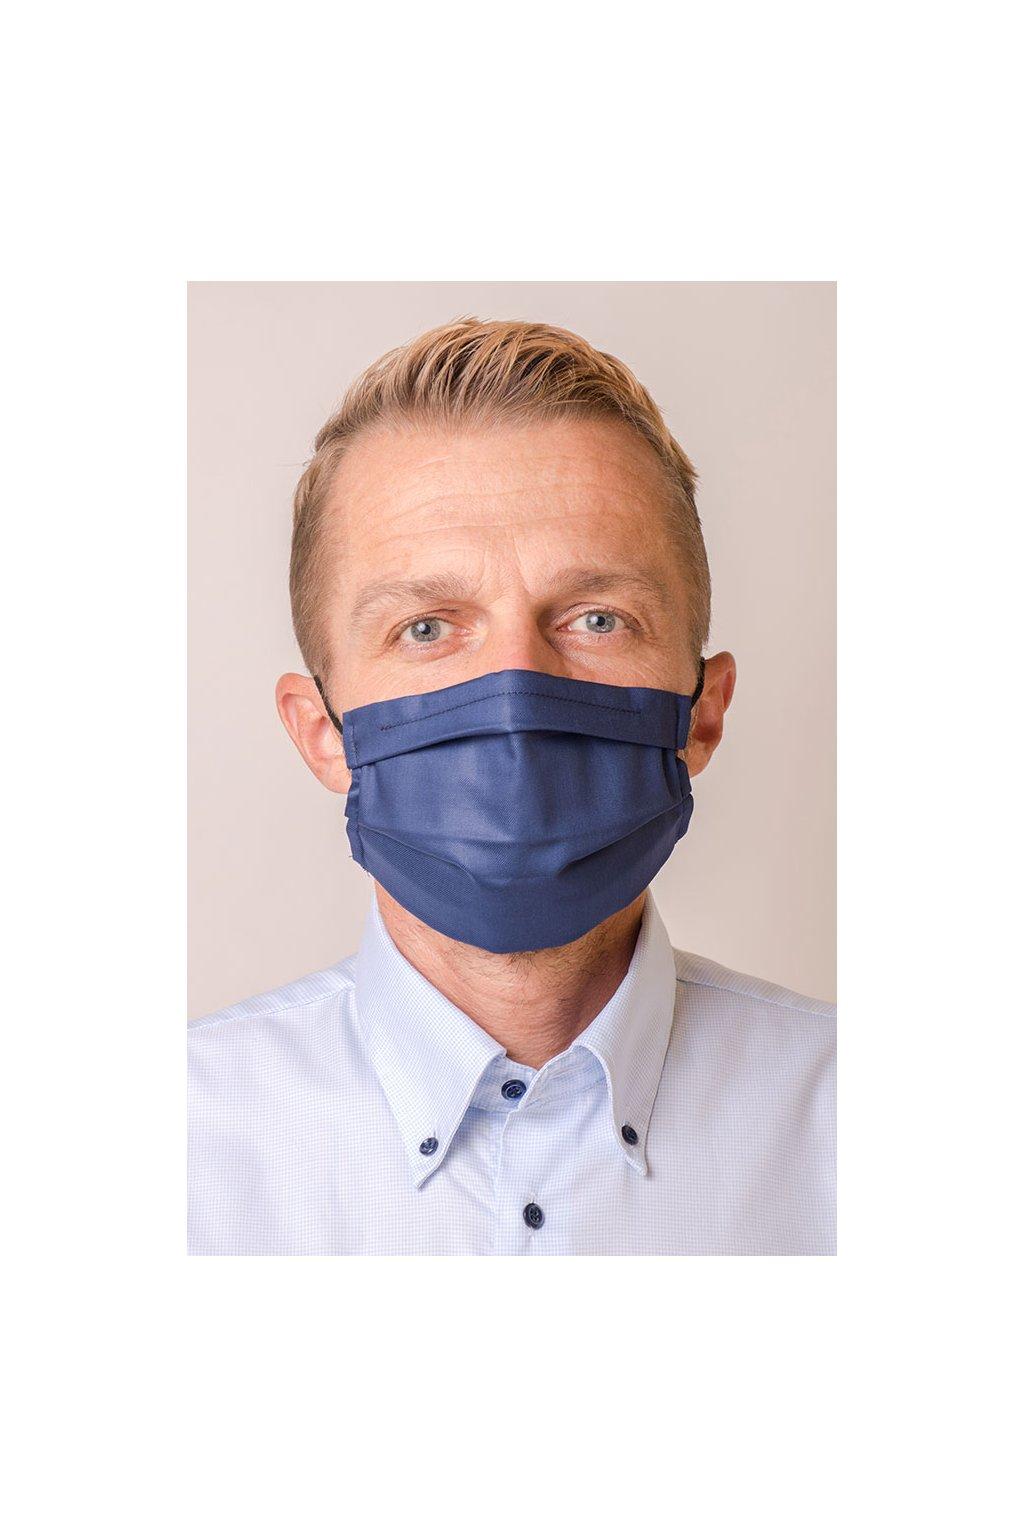 Pánská bavlněná rouška dvouvrstvá s kapsou a tvarovacím drátkem, antibakteriální SILVER+, 770-31, Modrá